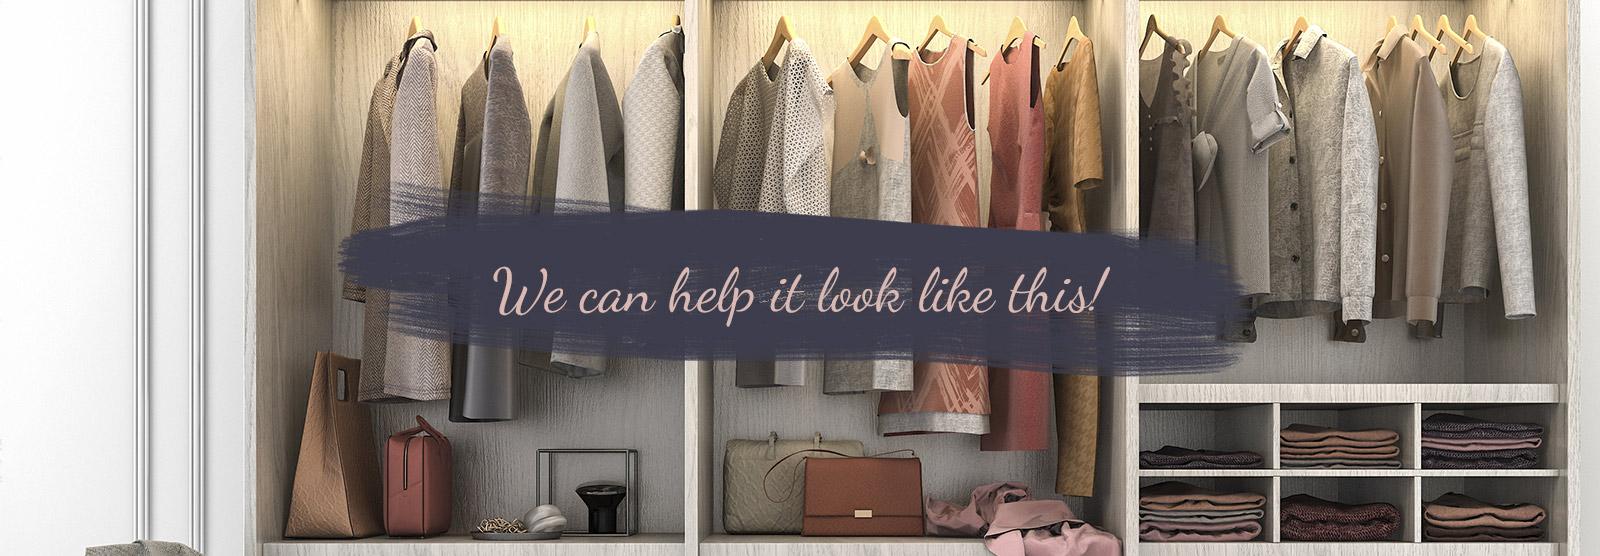 tidy-wardrobe-caption